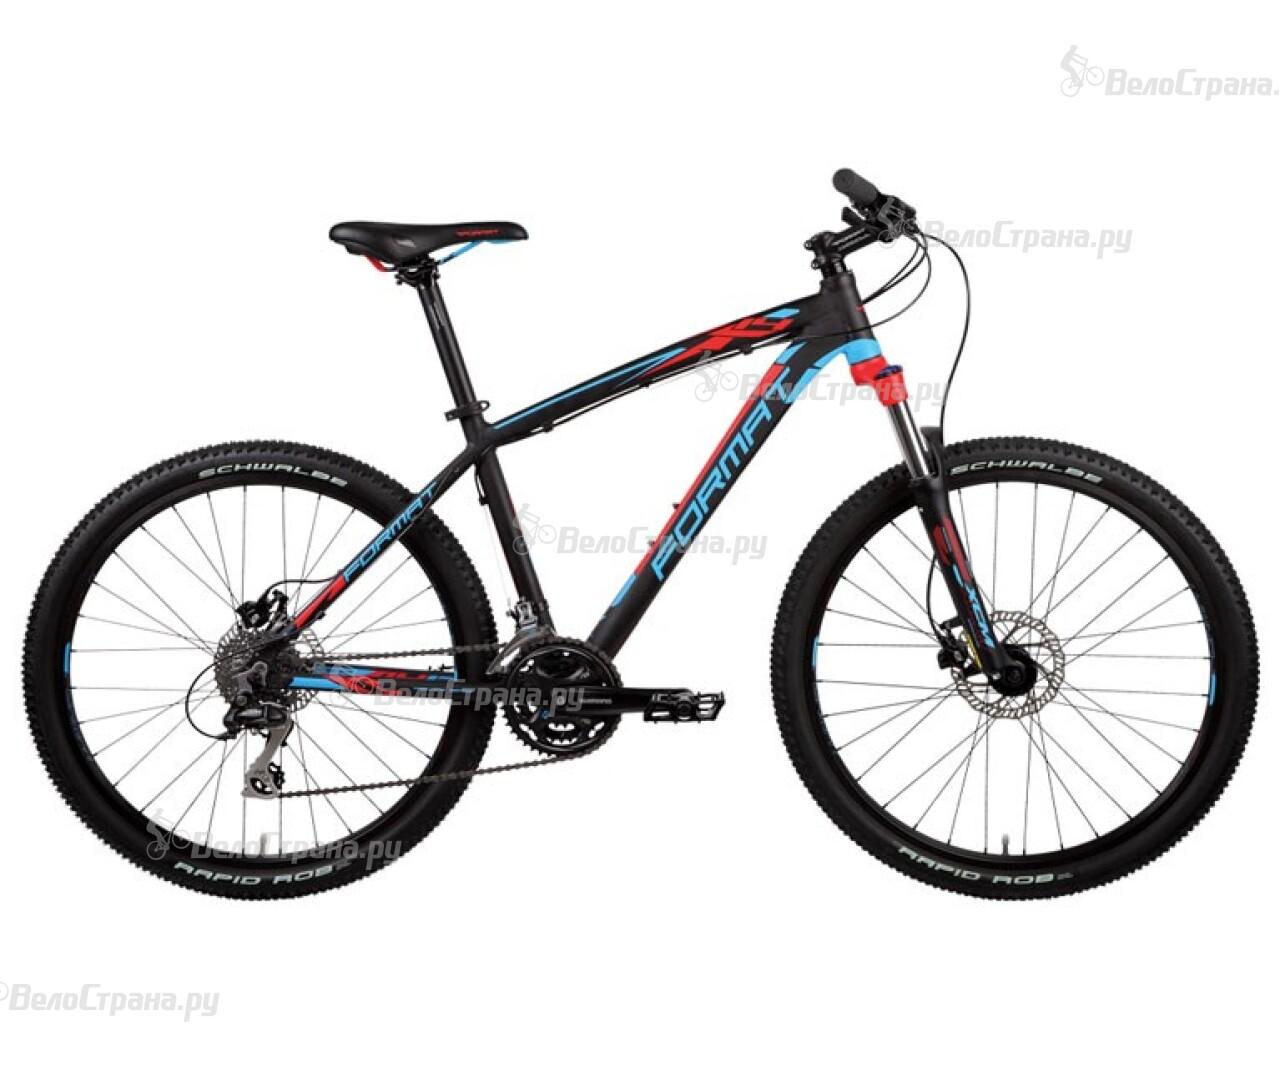 Велосипед Format 1412 (2014) недорого